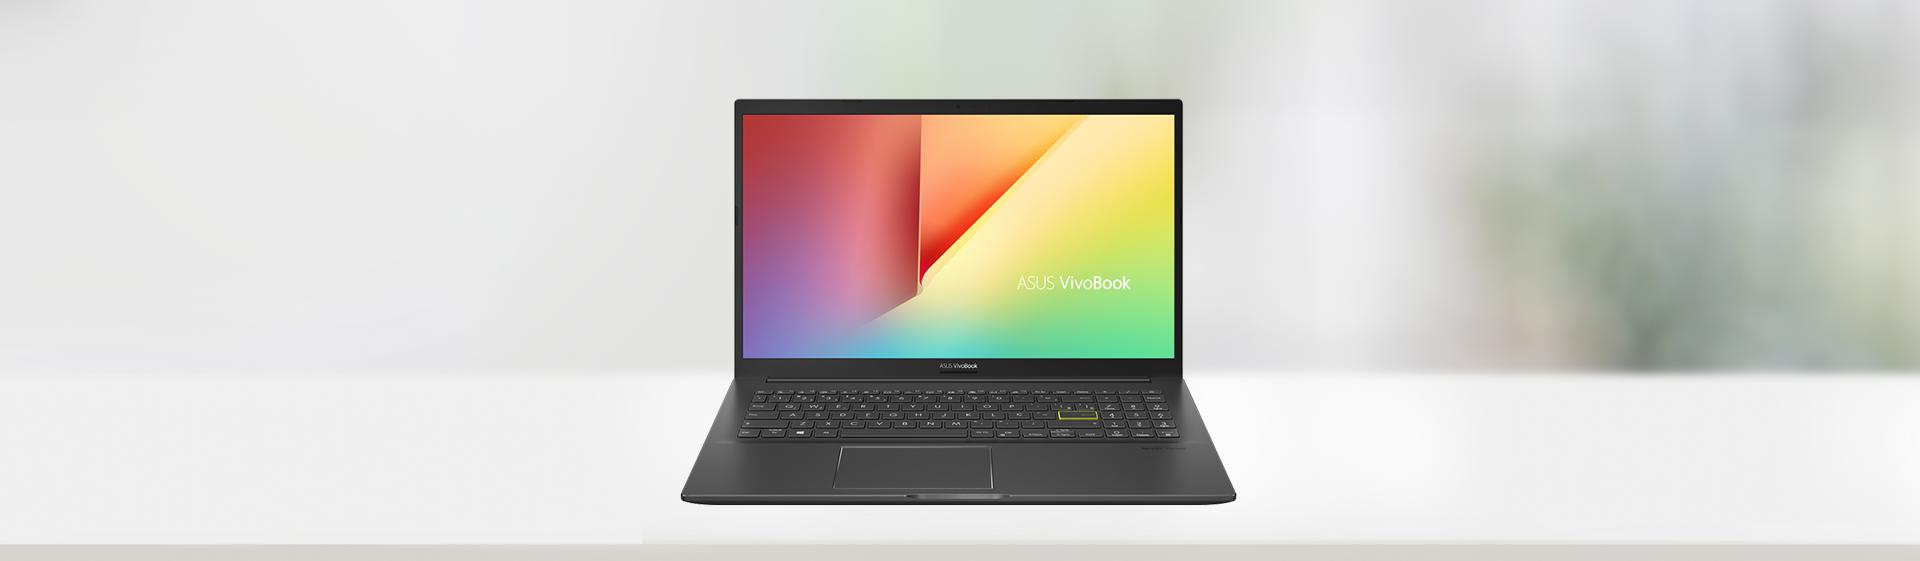 Asus anuncia dois novos modelos da linha de notebooks VivoBook